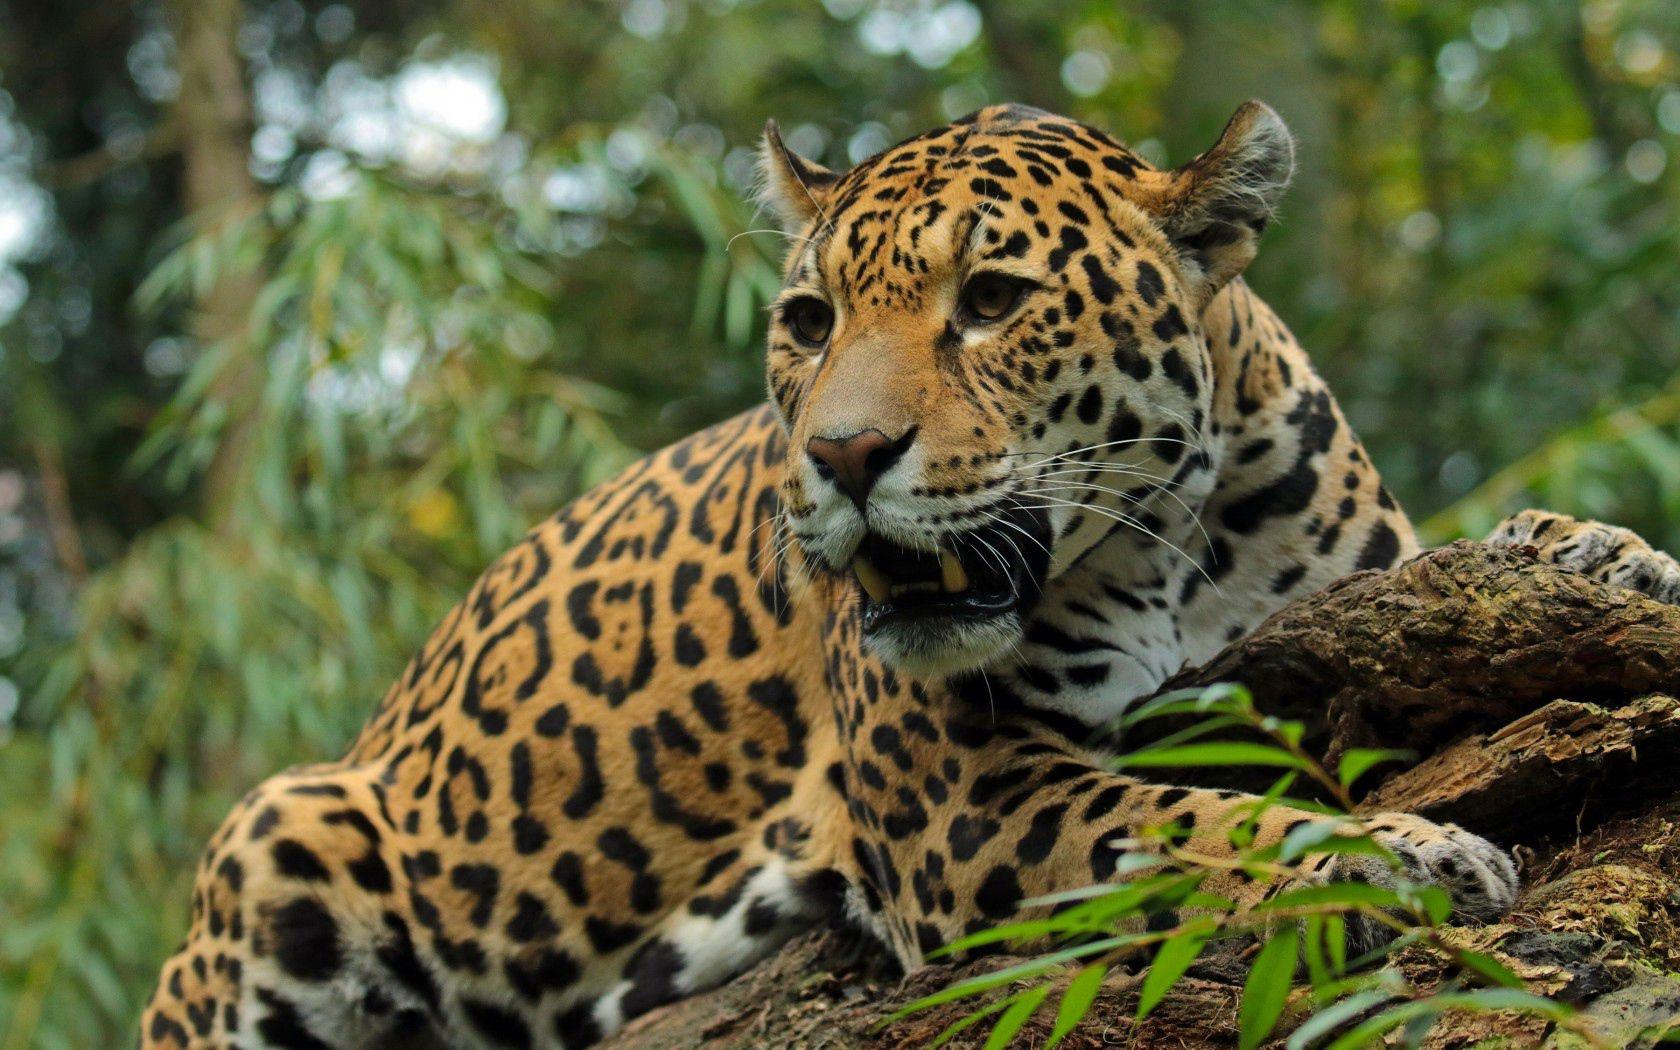 118951 Hintergrundbild herunterladen Big Cat, Tiere, Jaguar, Grinsen, Grin, Schnauze, Raubtier, Predator, Große Katze - Bildschirmschoner und Bilder kostenlos